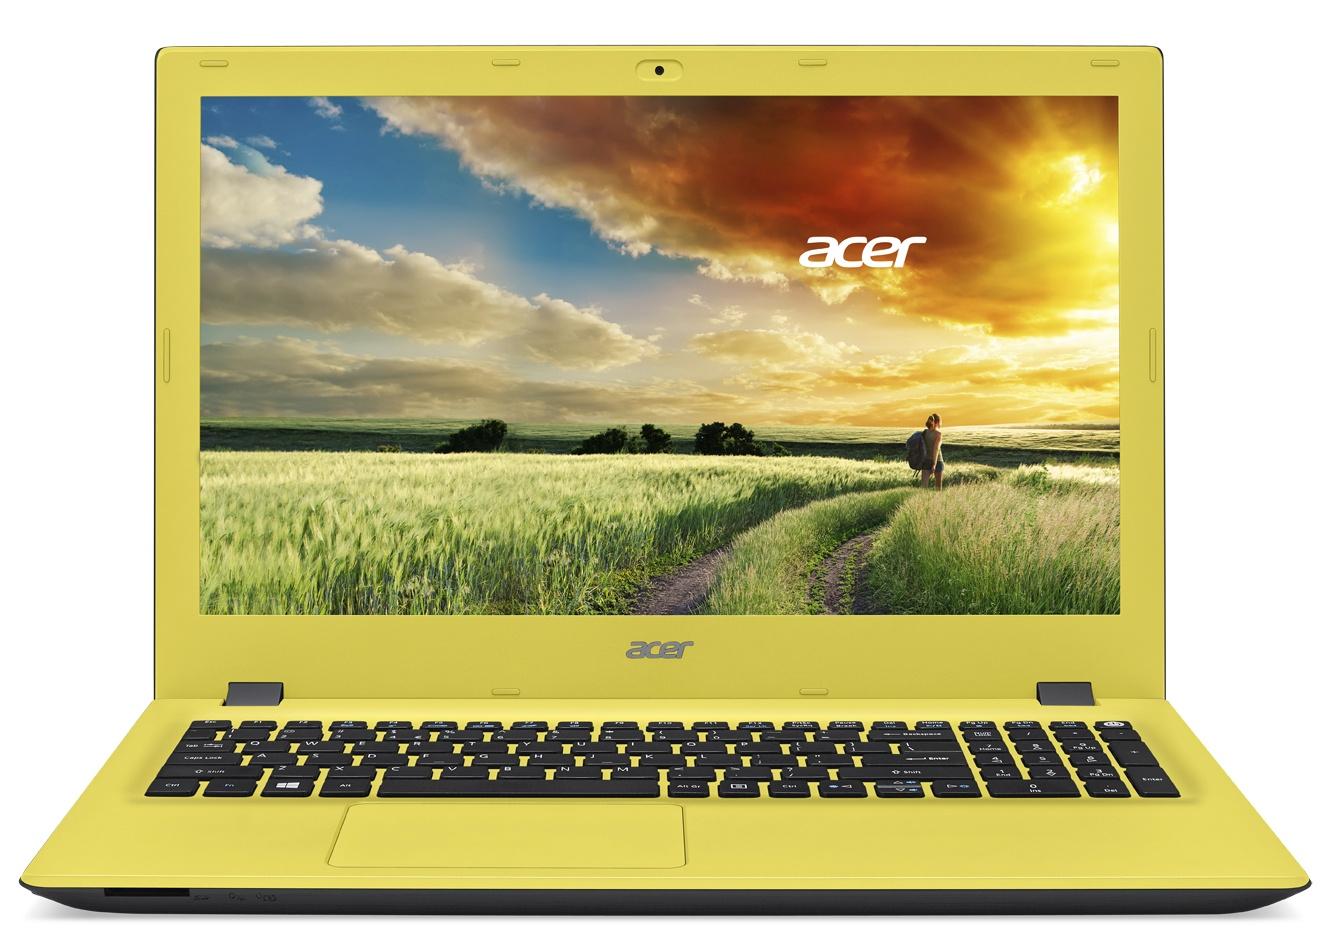 Acer Aspire E 15 15,6/3556/4G/1TB/W10 žlutá